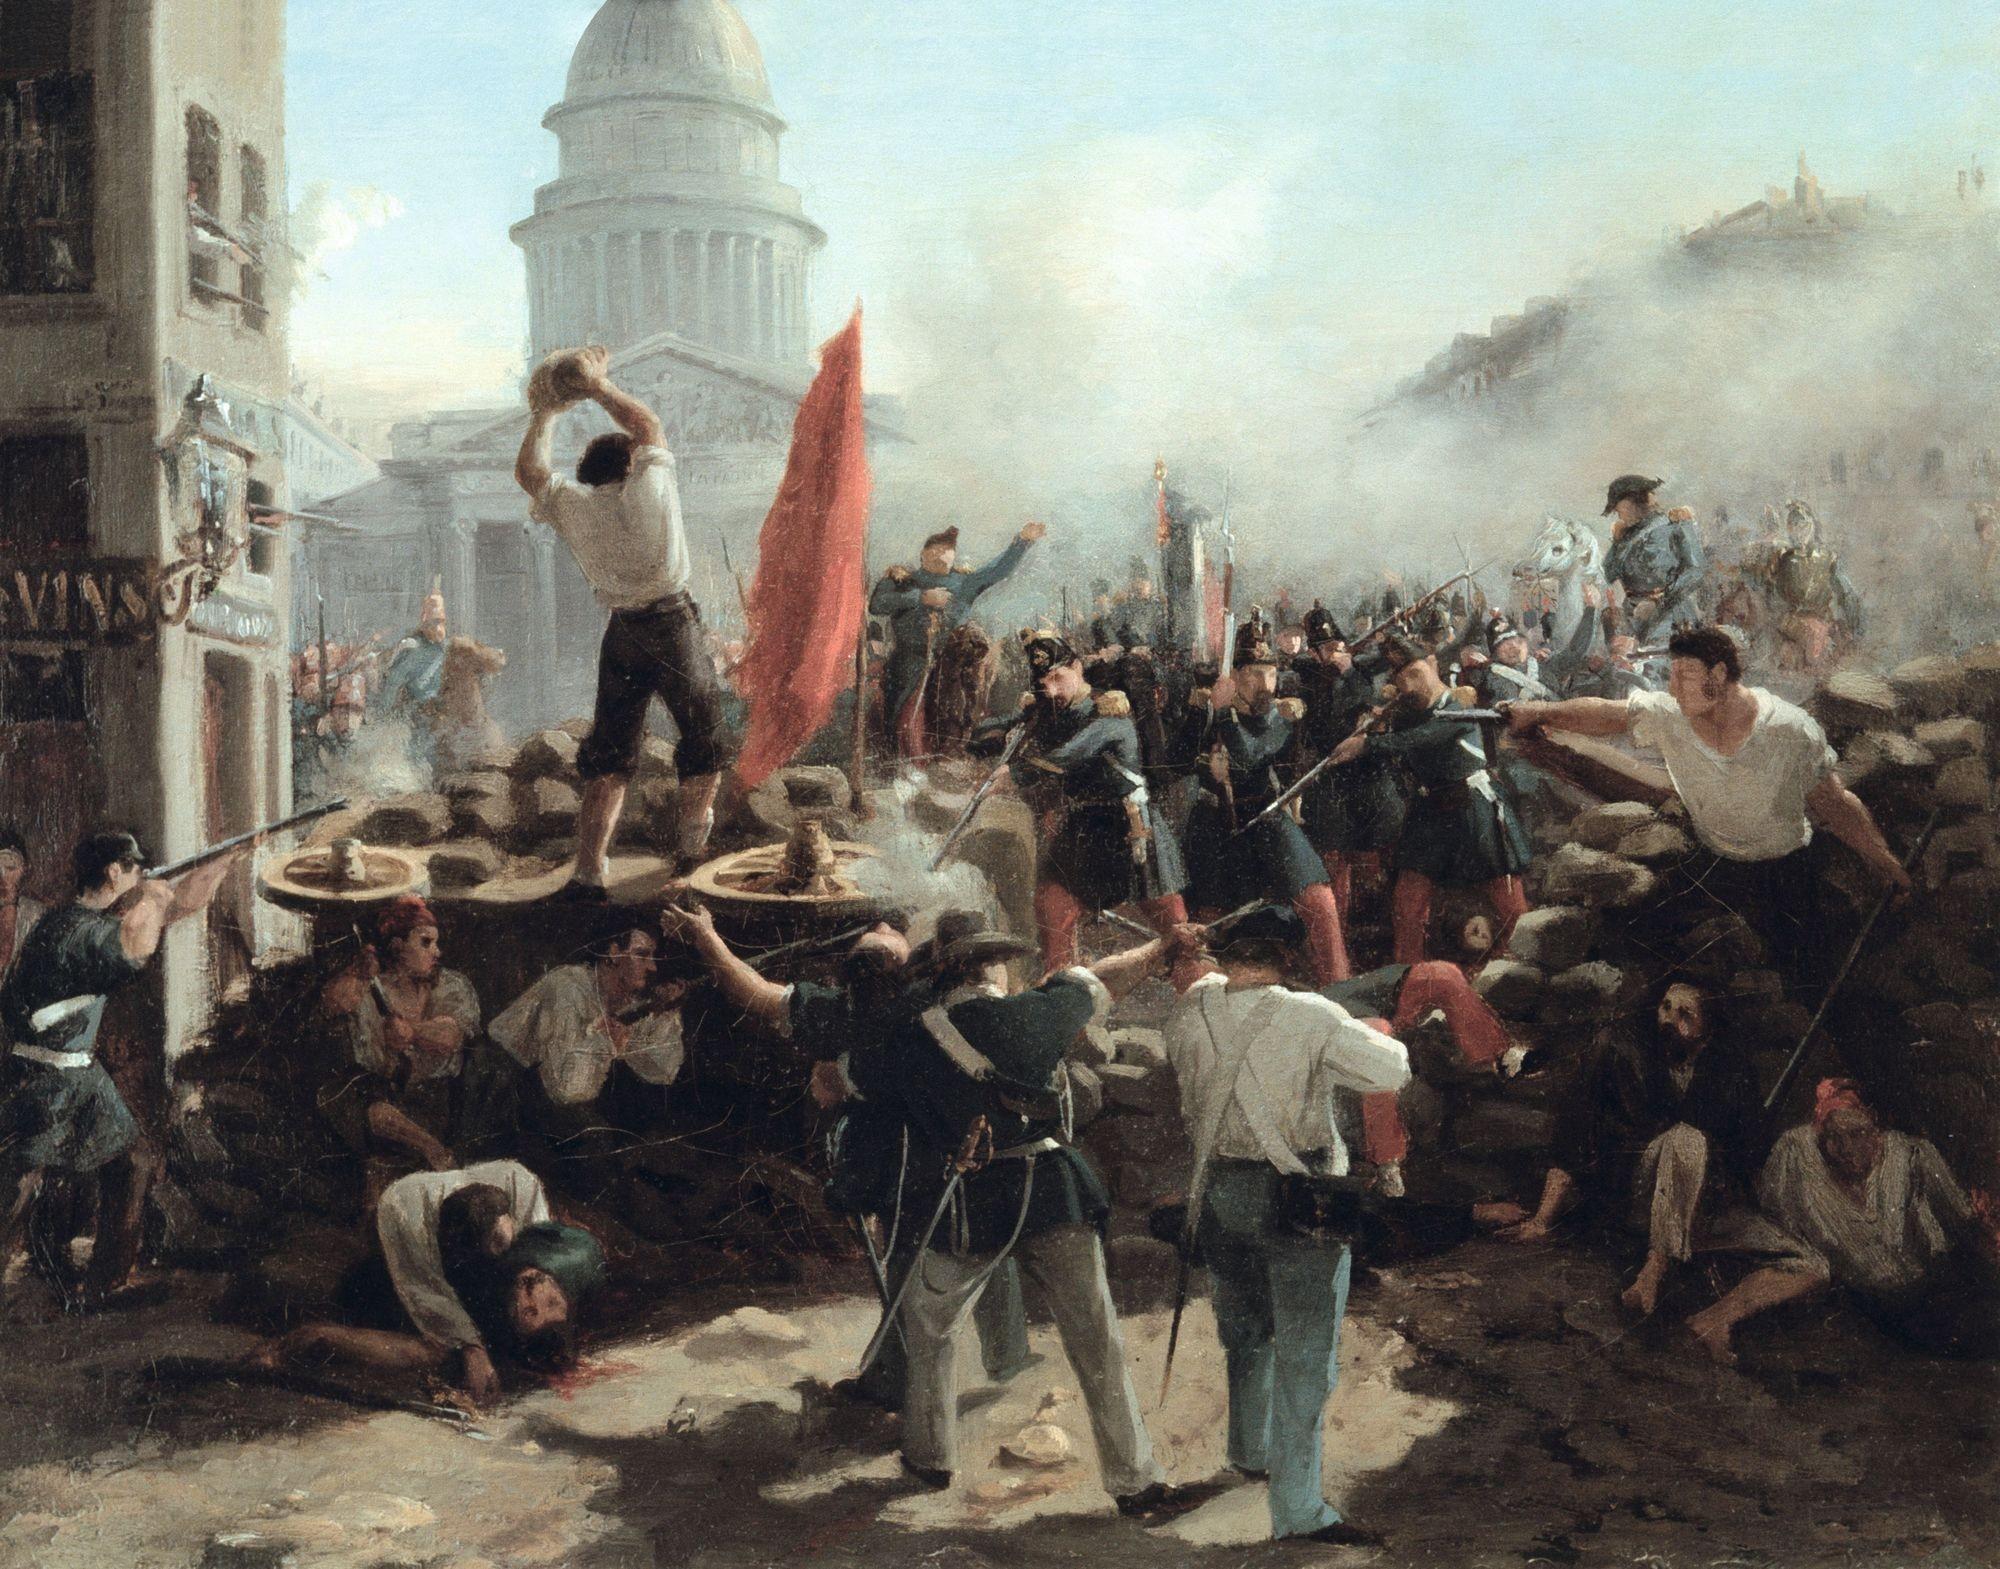 Horace Vernet, Combats dans la rue Souffl ot, Paris, 25 juin 1848